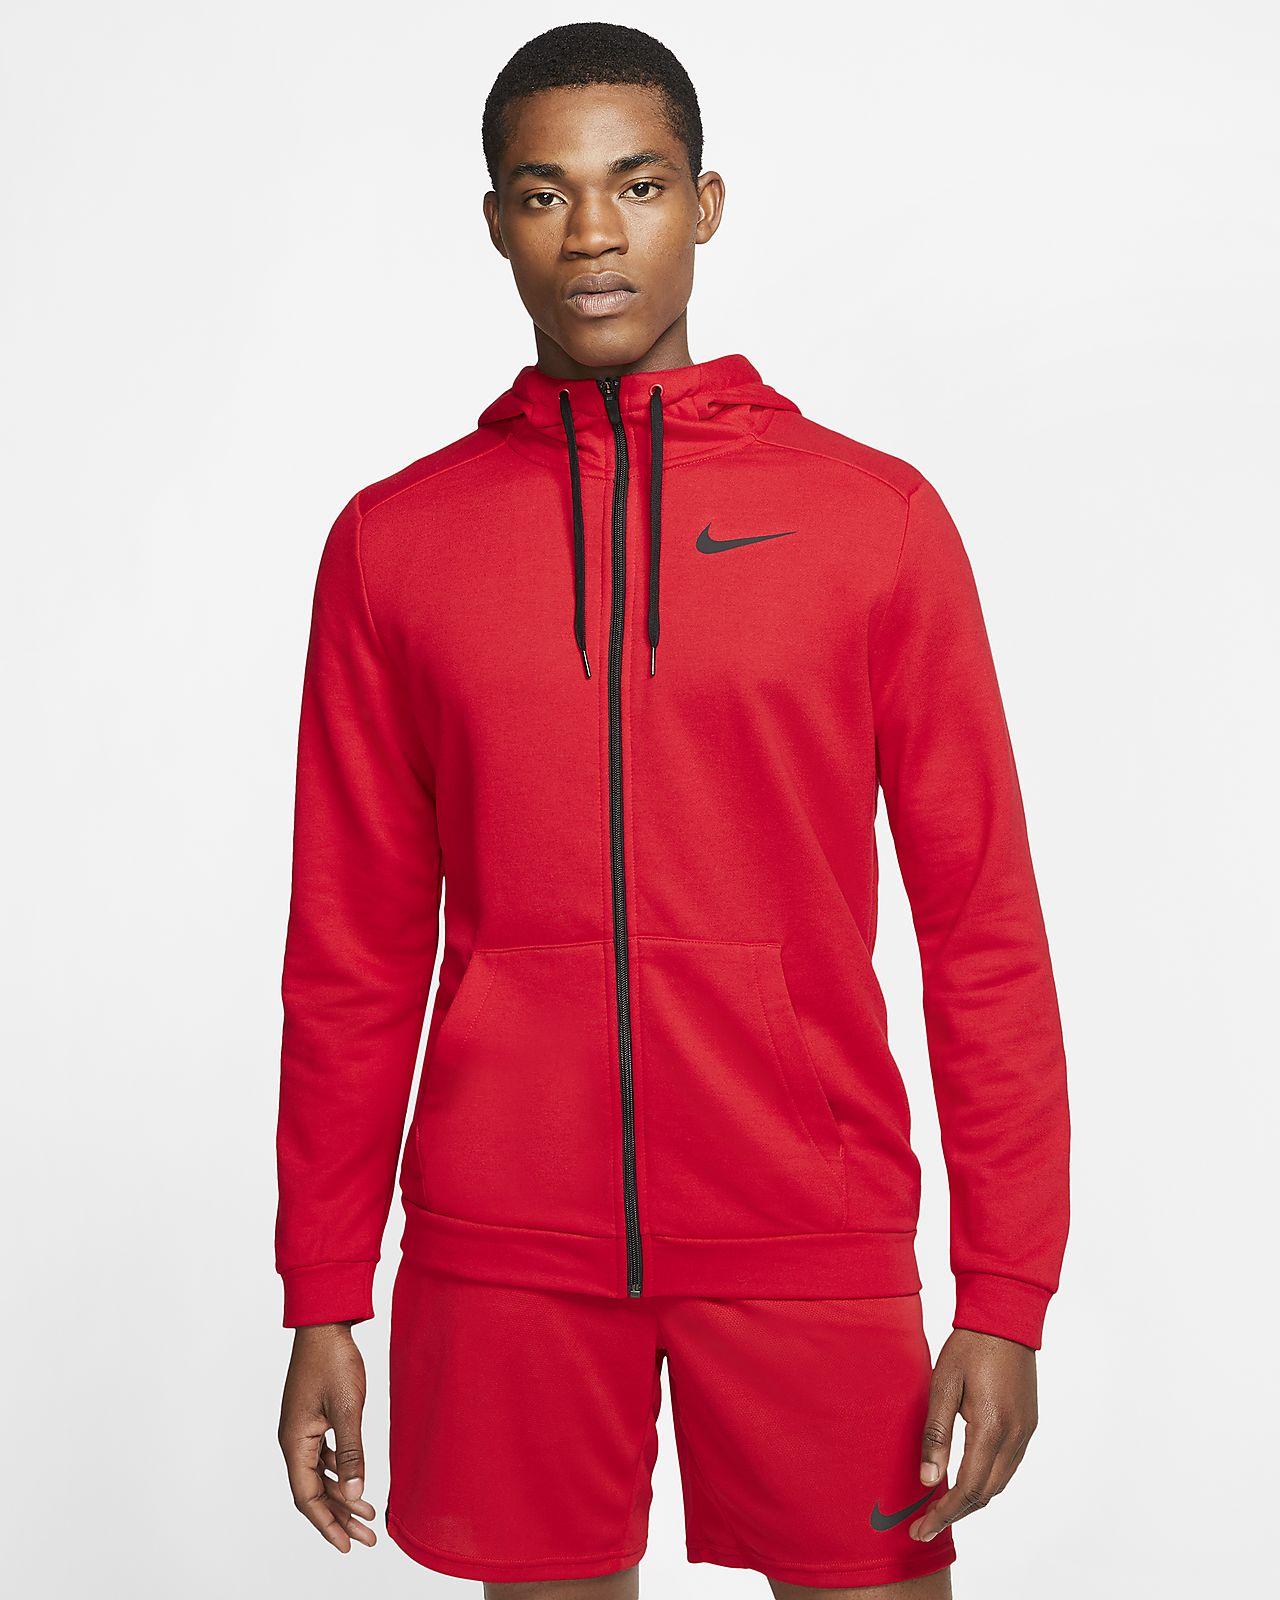 Pánská tréninková mikina Nike Dri-FIT s kapucí a zipem po celé délce